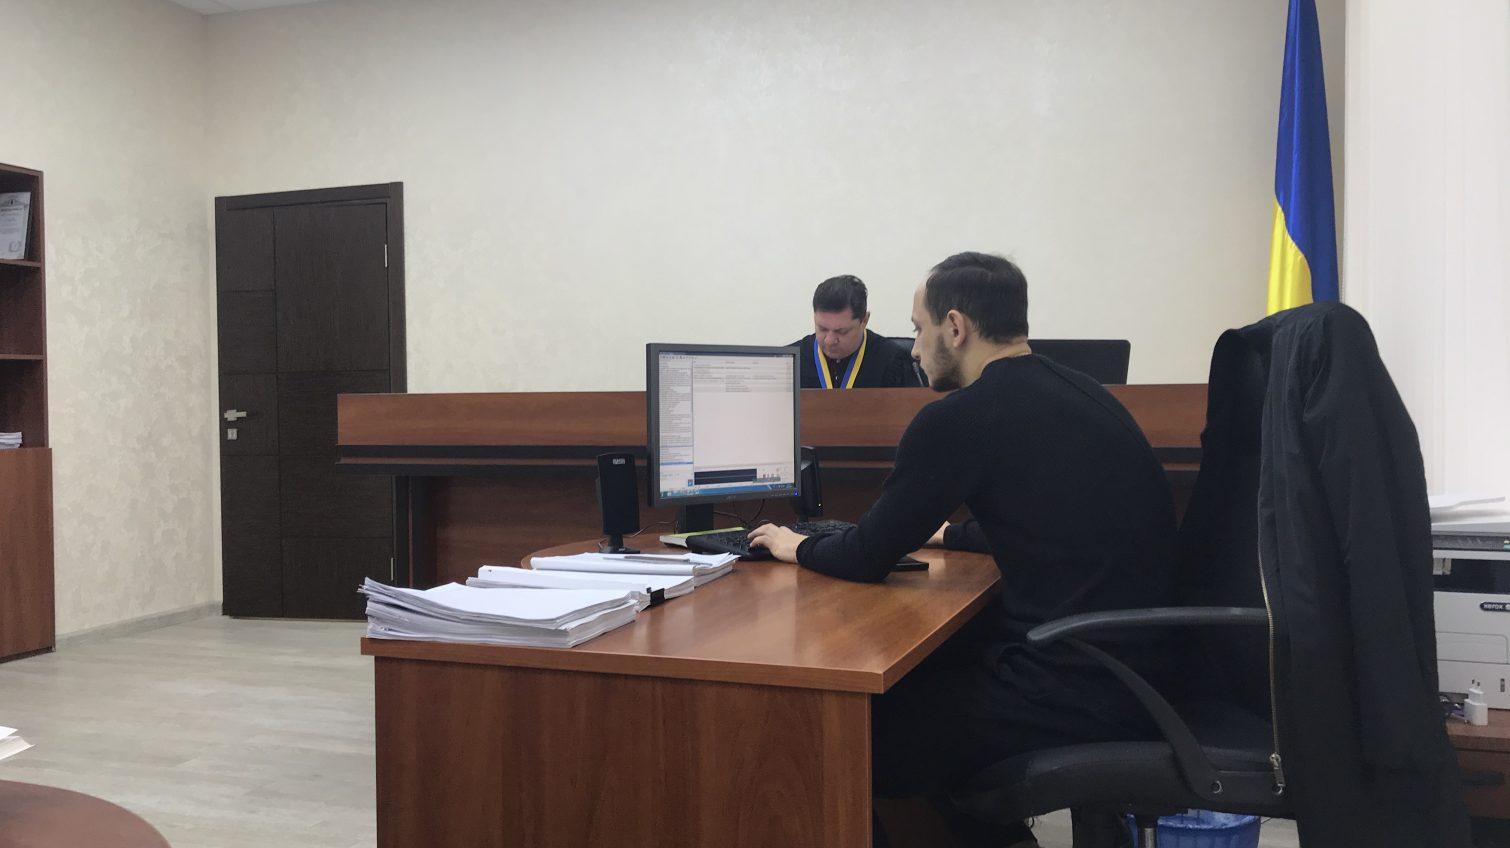 Суд начал рассматривать иск главы службы по делам детей против Труханова (фото) «фото»